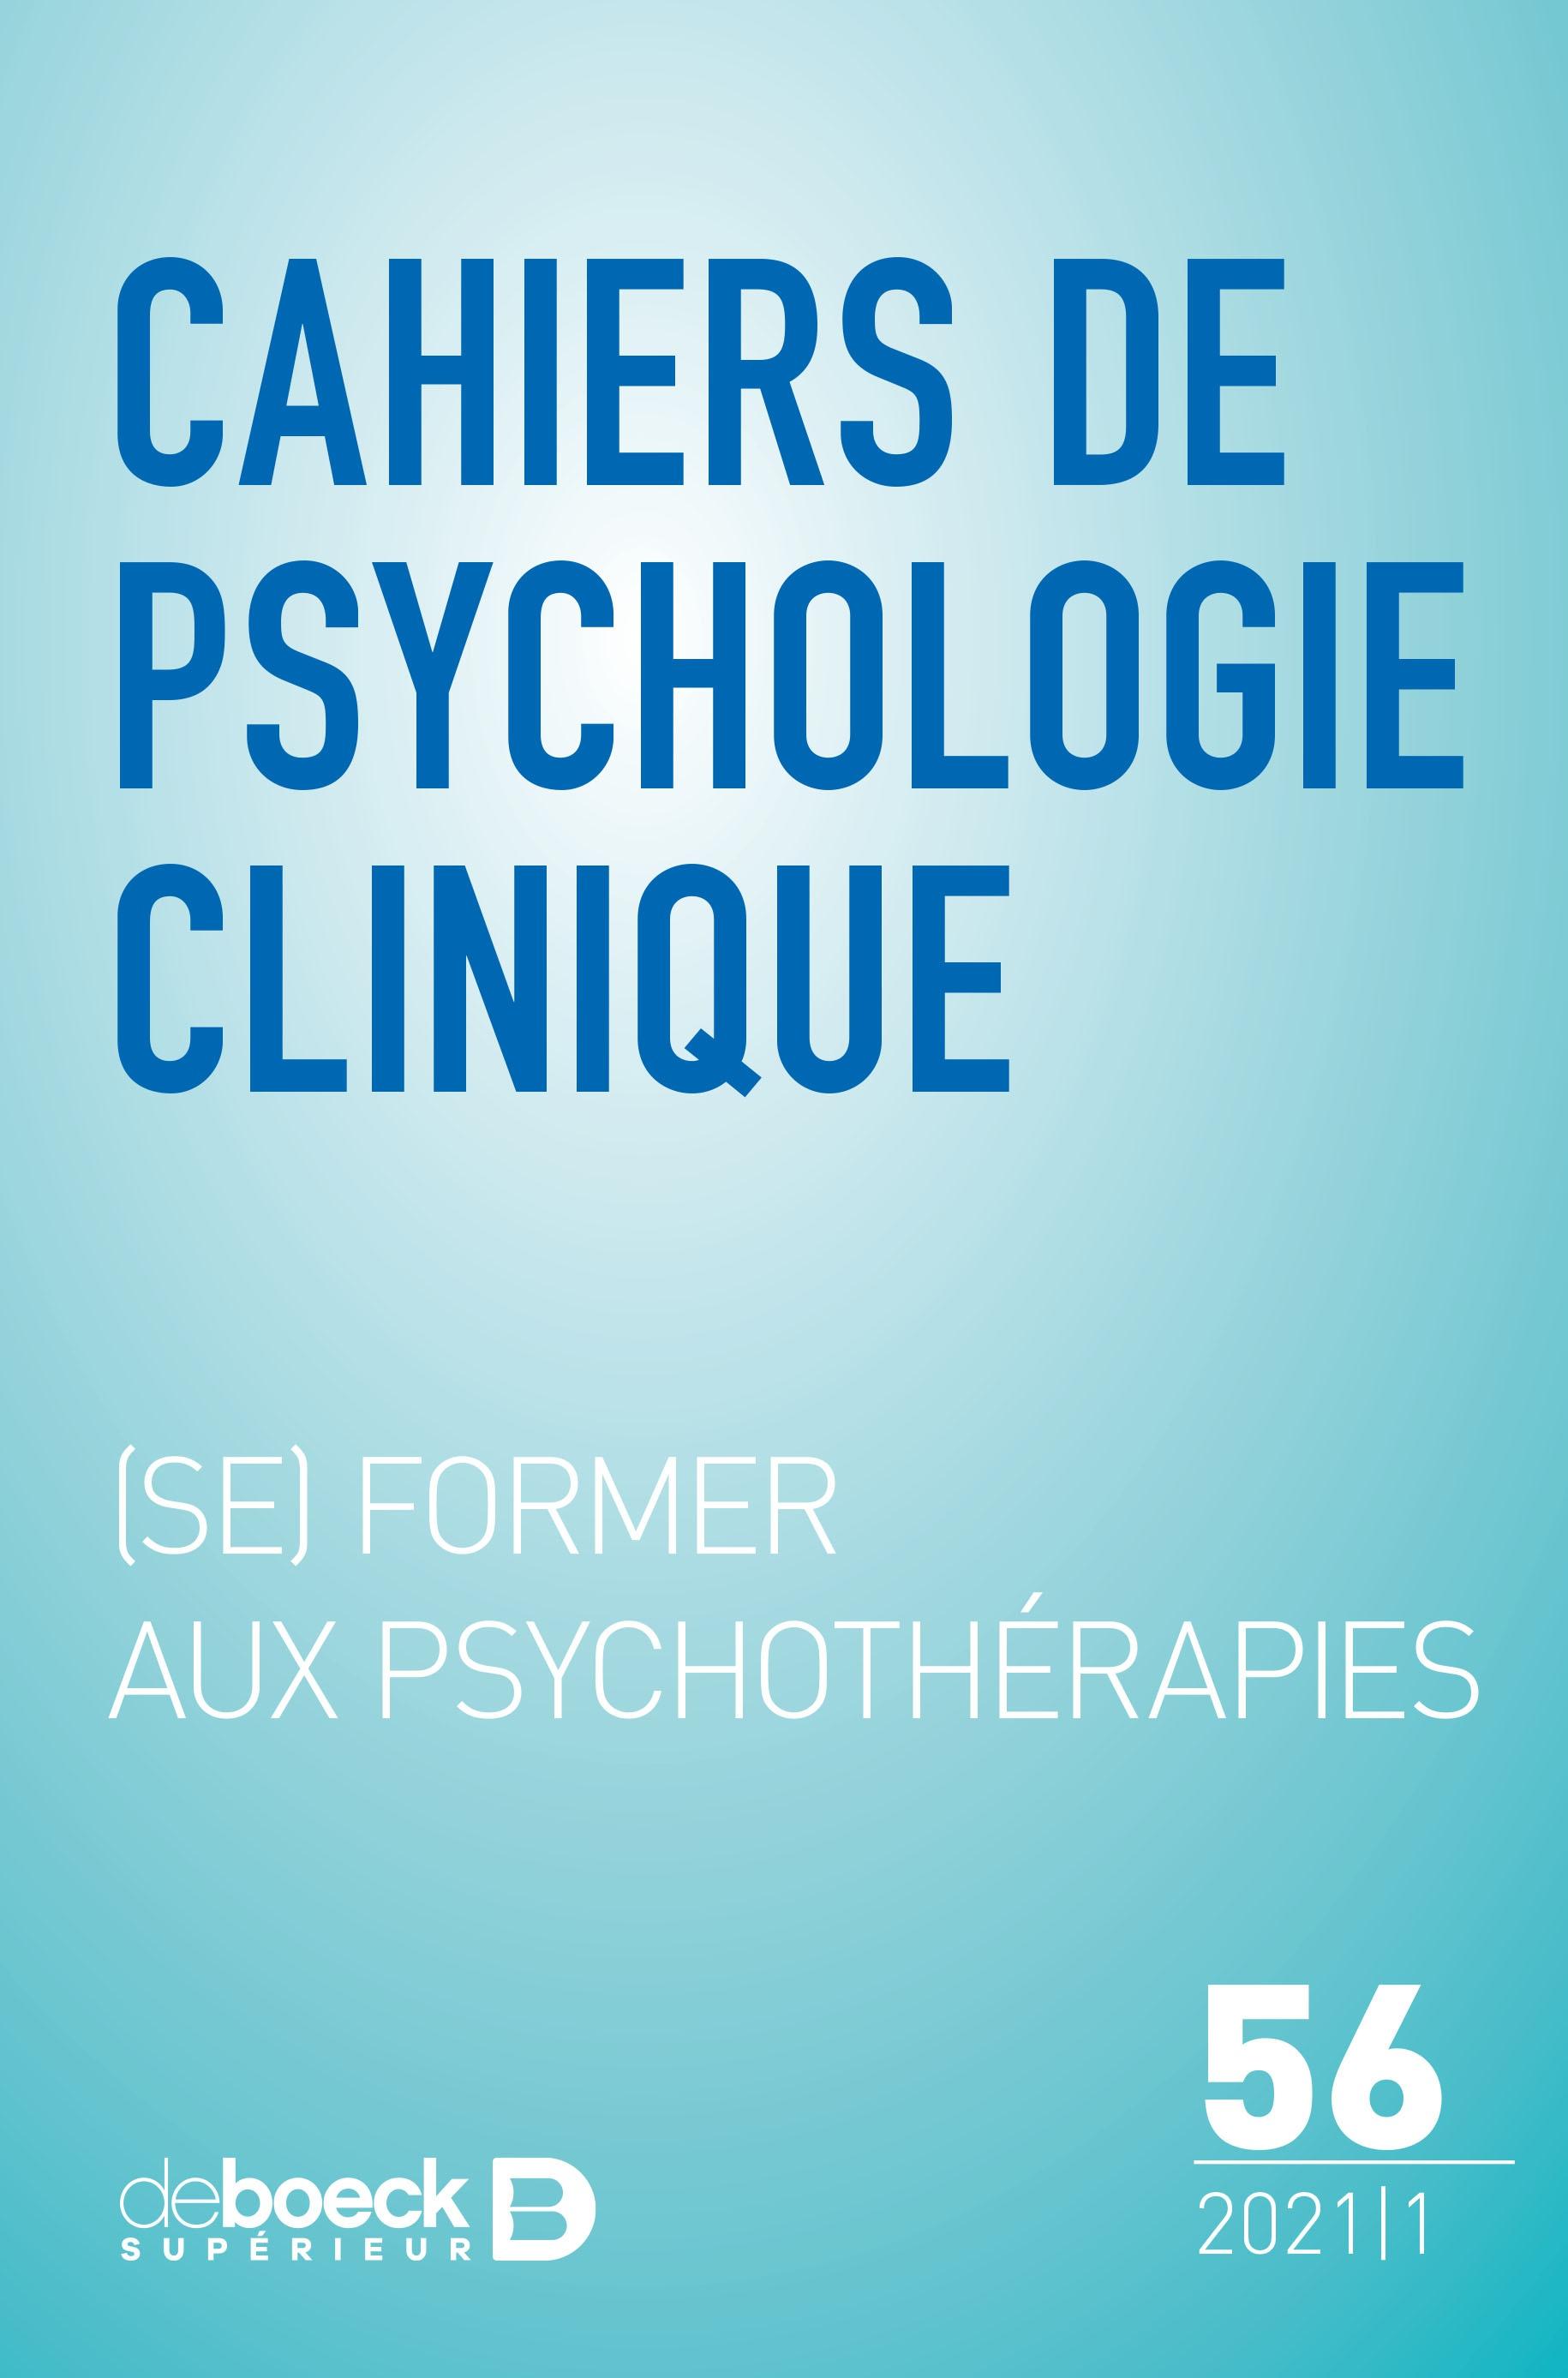 (Se) former aux psychothérapies